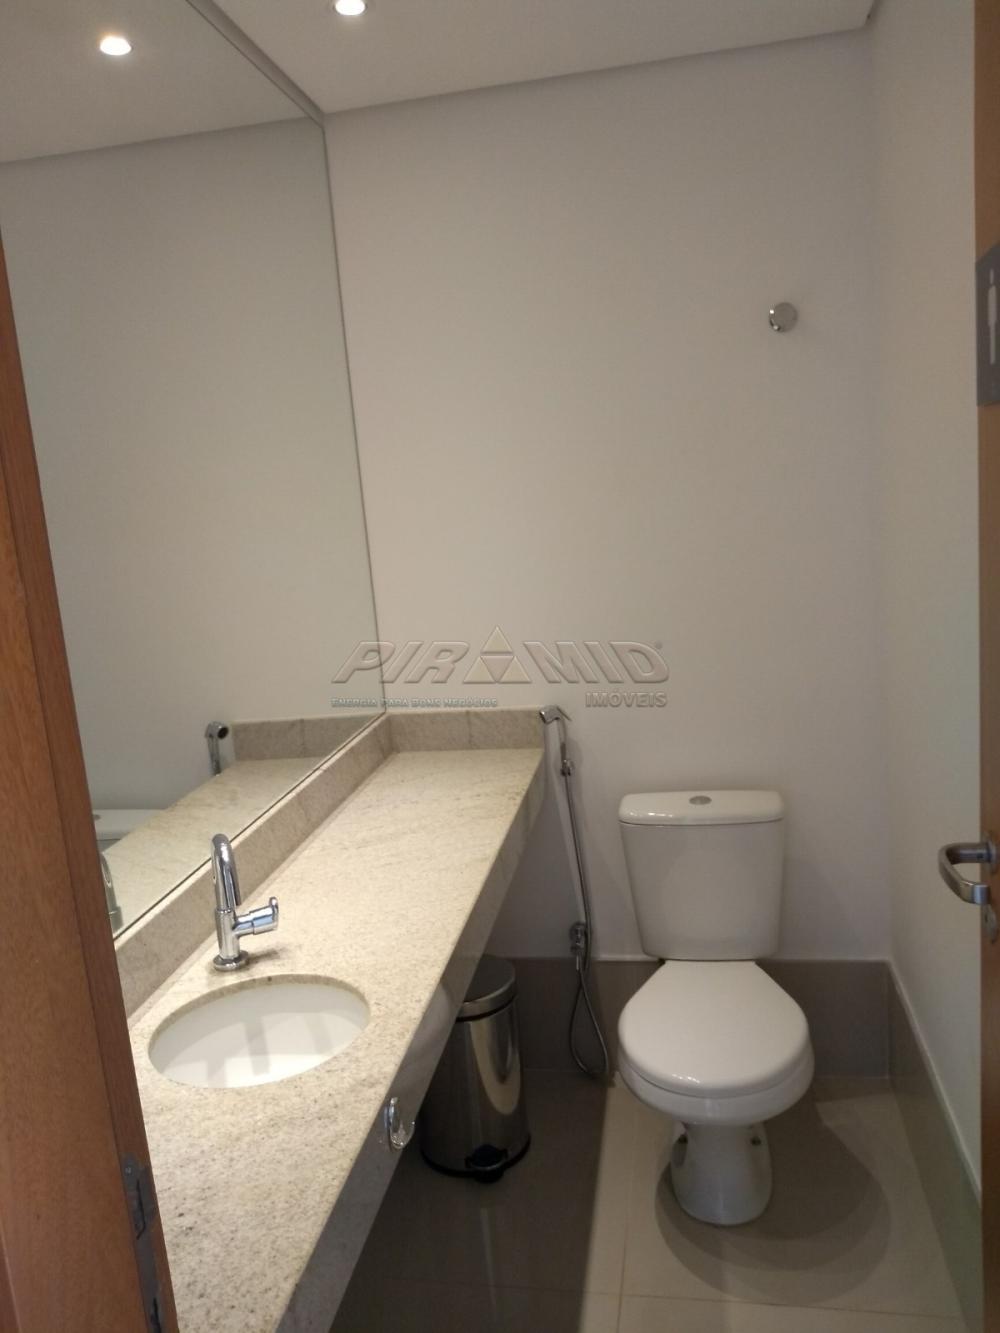 Alugar Apartamento / Padrão em Ribeirão Preto R$ 1.700,00 - Foto 69